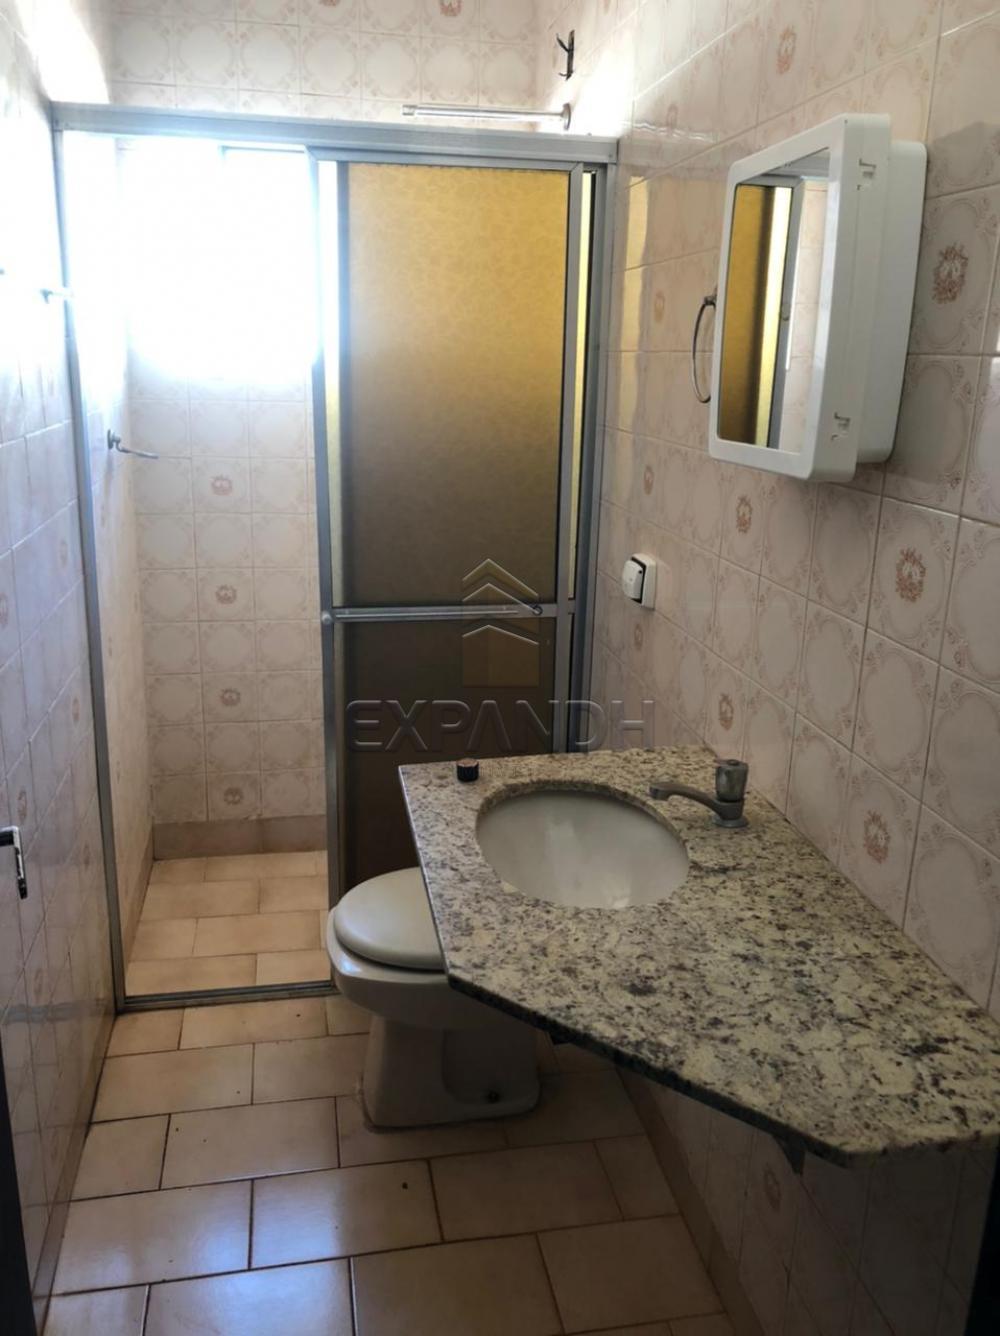 Alugar Casas / Padrão em Sertãozinho R$ 1.000,00 - Foto 12